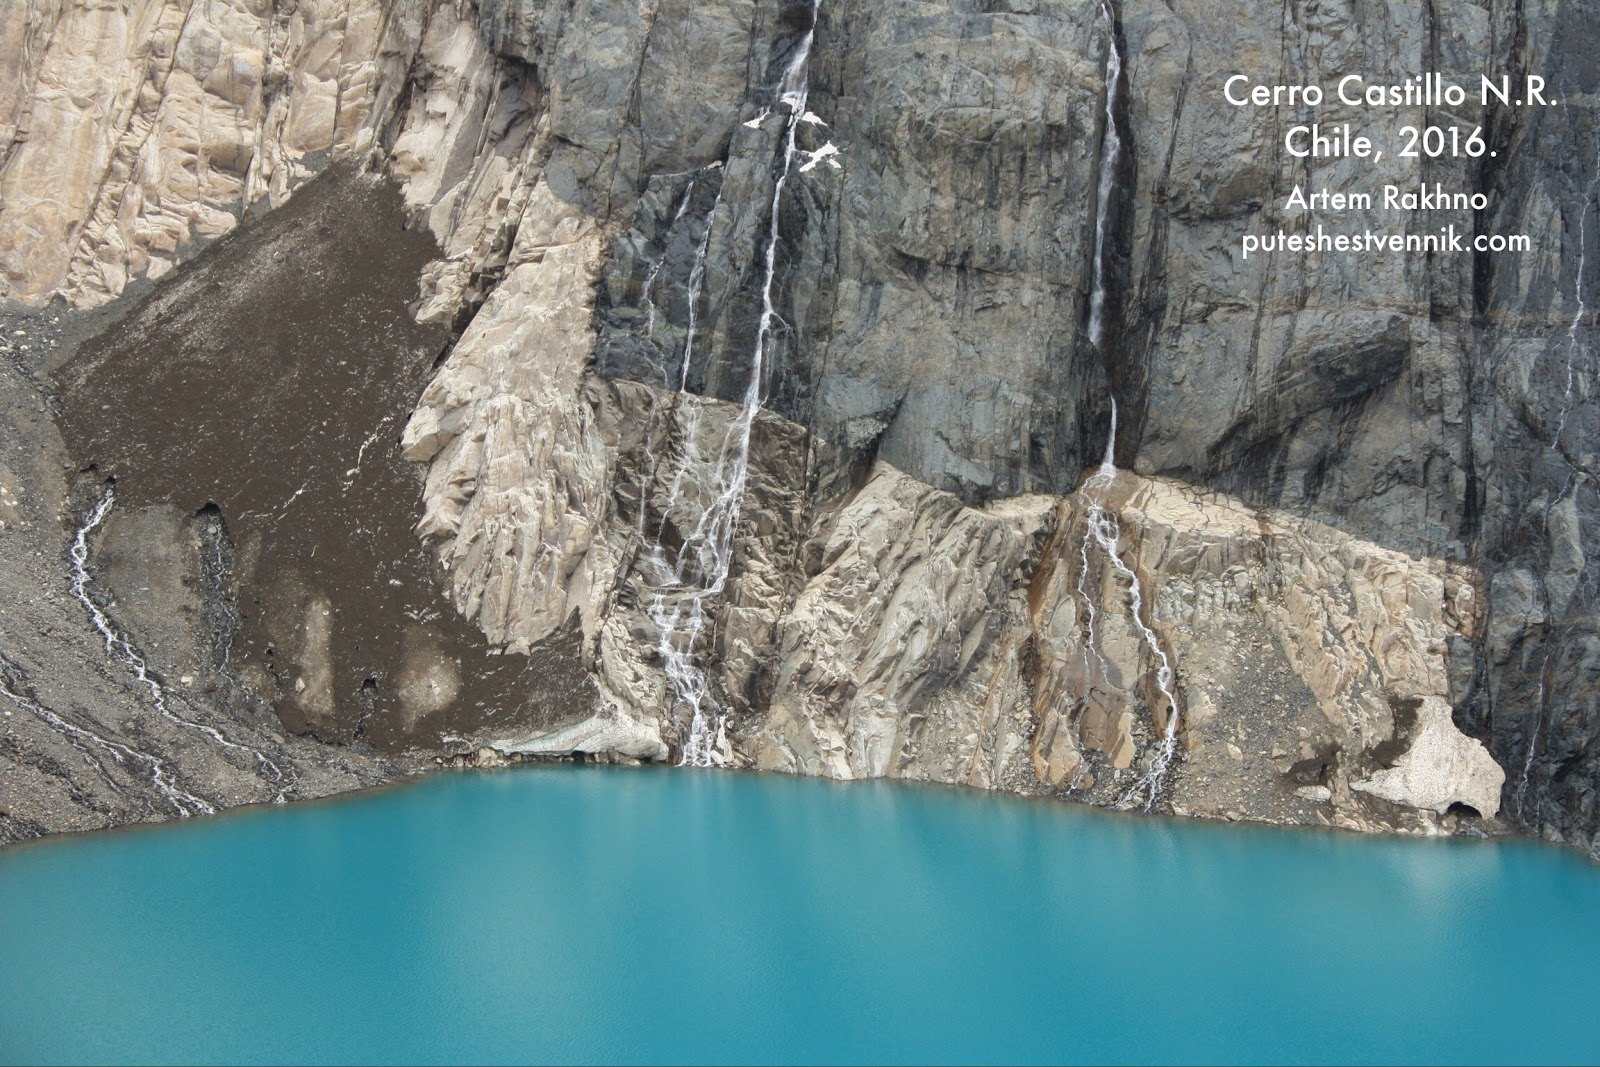 Вода падает в лагуну Серро-Кастильо